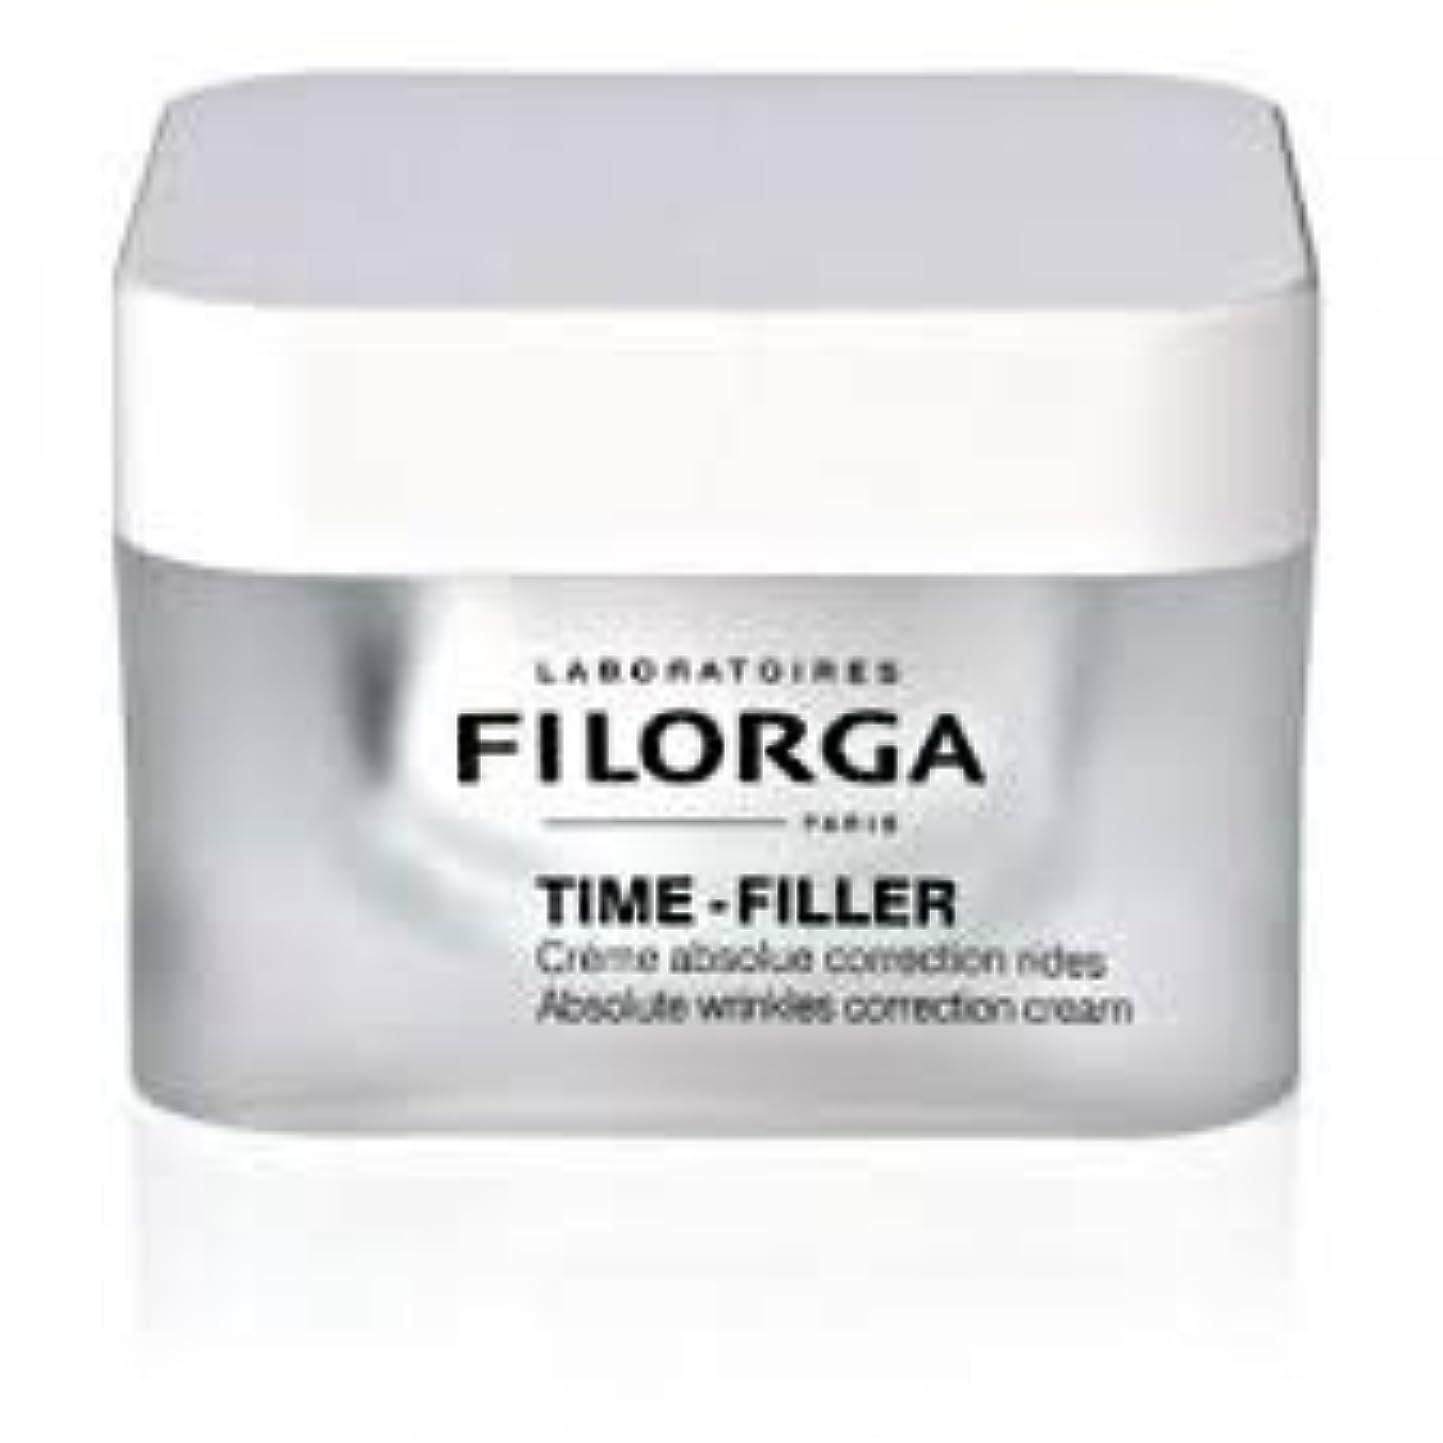 潜在的な酔う財布フィロルガ[FILORGA]タイム フィラー 50ML TIME FILLER 50ML [海外直送品] [並行輸入品]